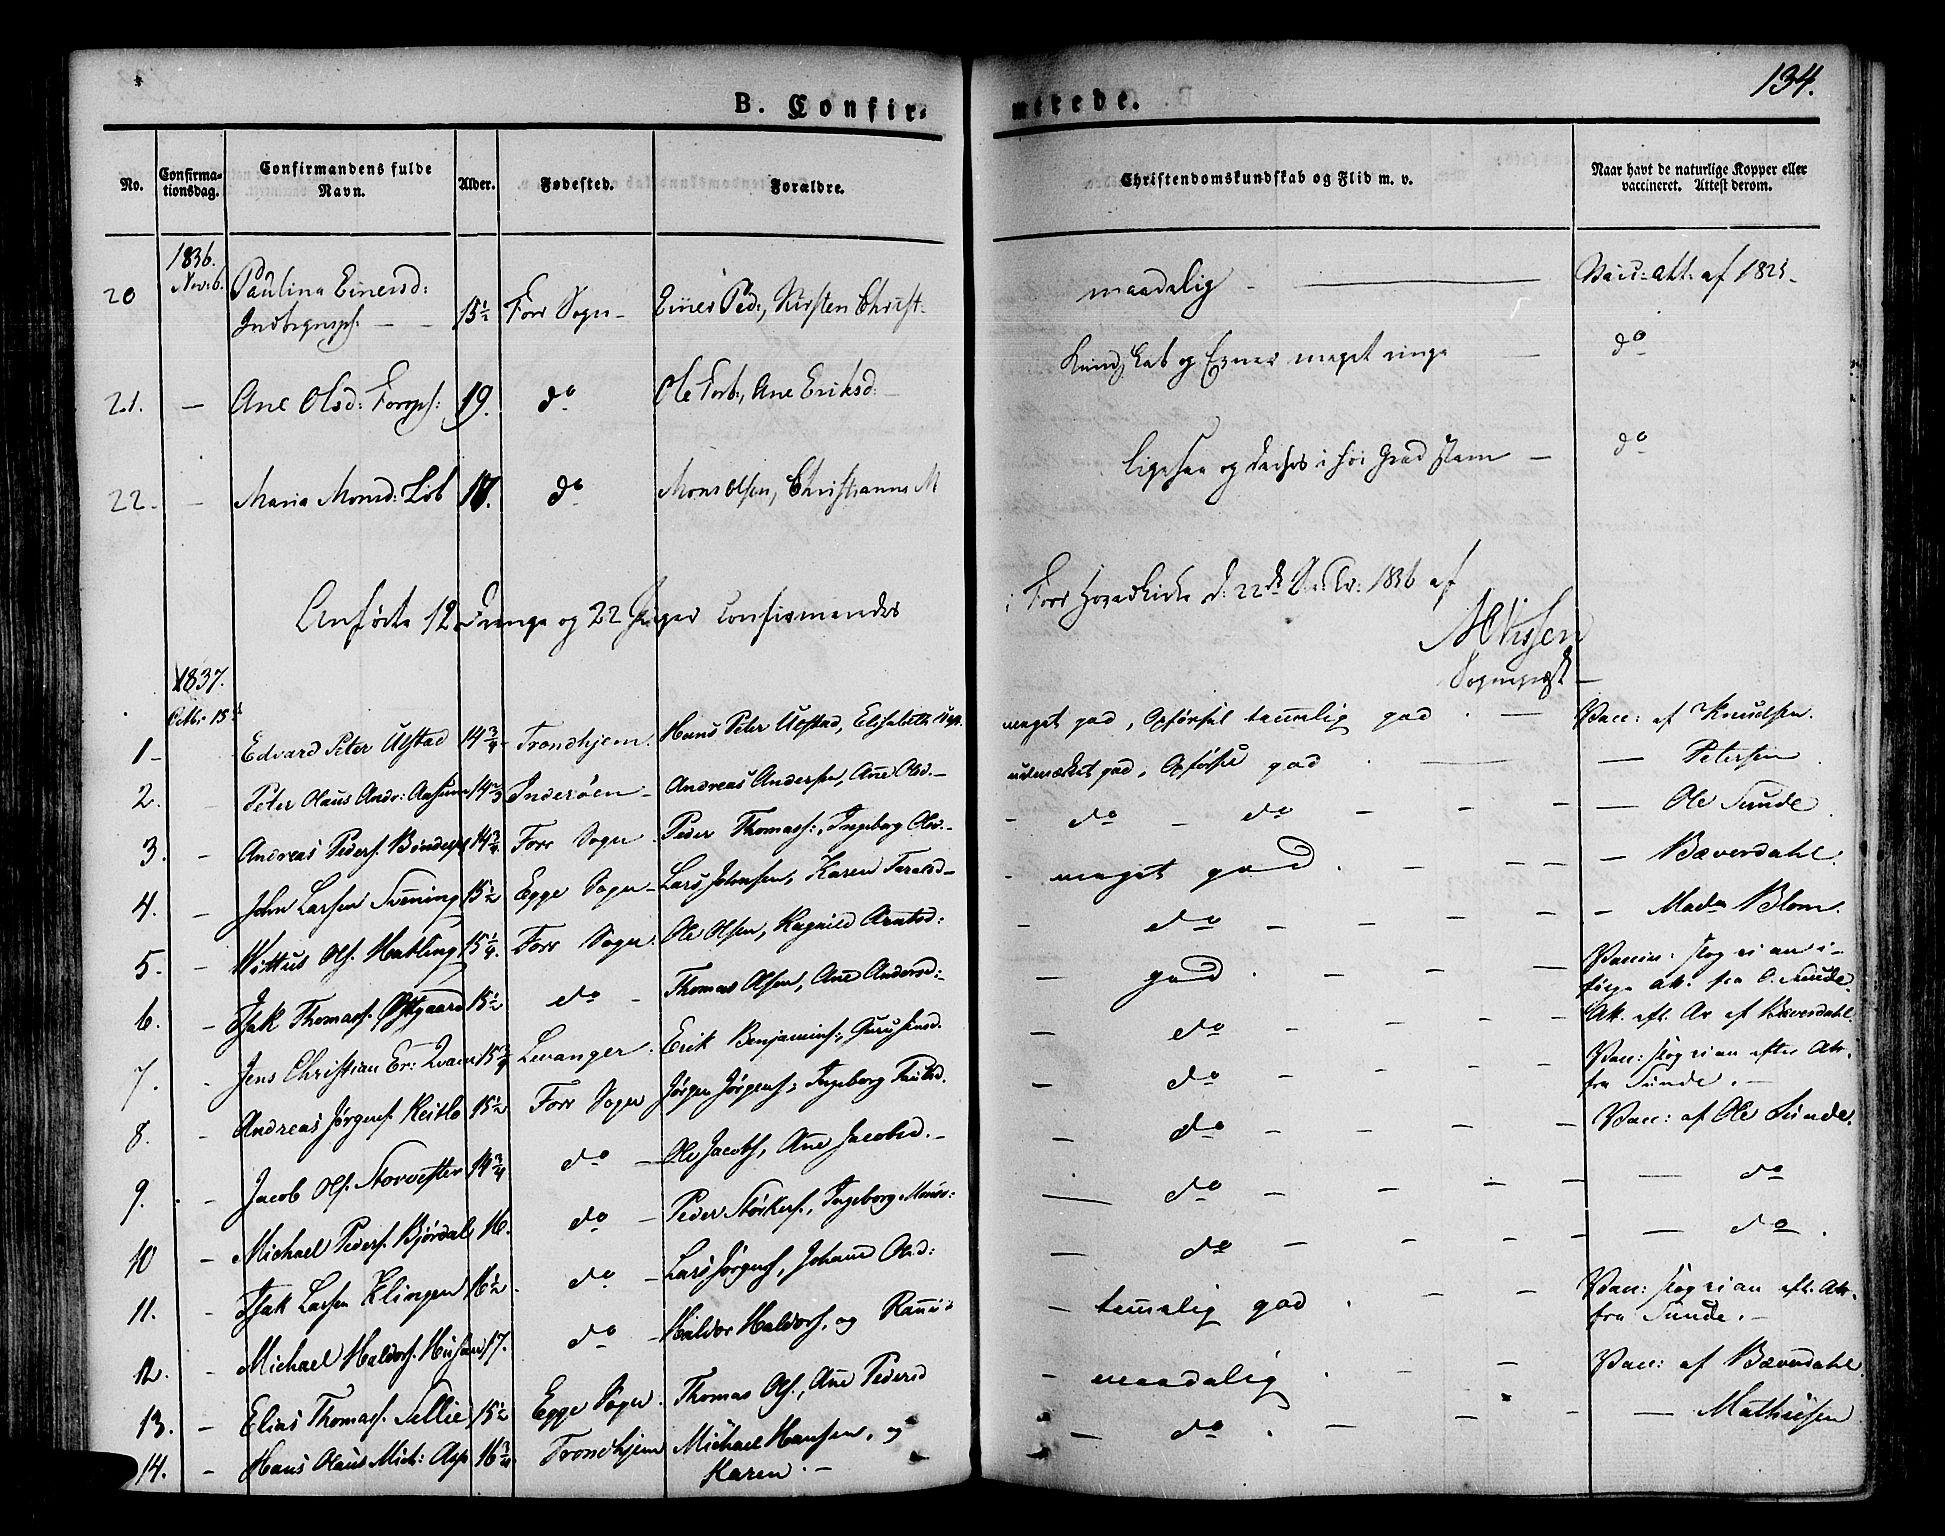 SAT, Ministerialprotokoller, klokkerbøker og fødselsregistre - Nord-Trøndelag, 746/L0445: Ministerialbok nr. 746A04, 1826-1846, s. 134